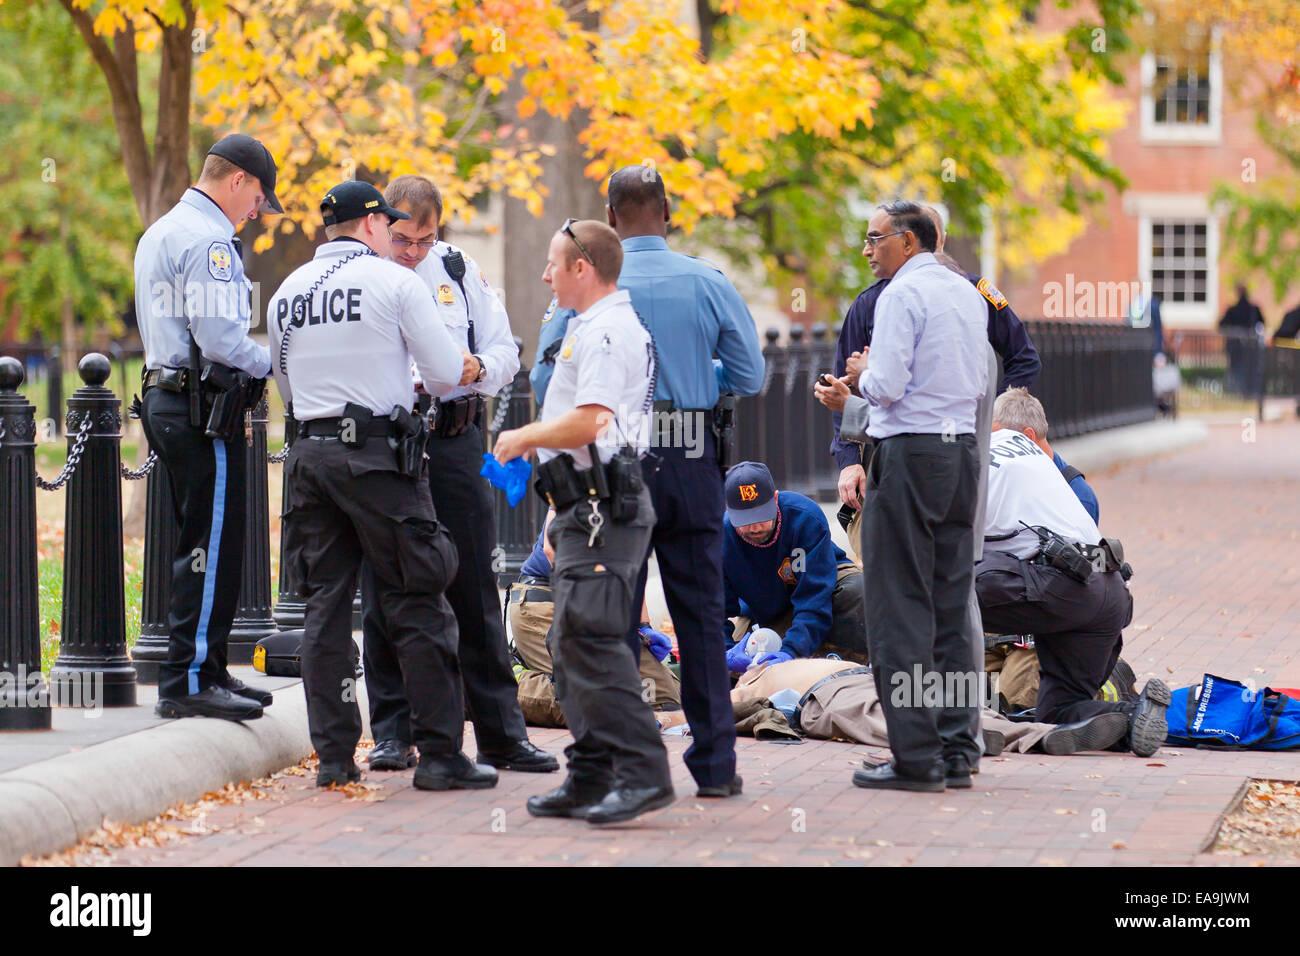 Policía y EMS ayudando a la víctima del crimen acostado en el suelo - Washington, DC, EE.UU. Imagen De Stock